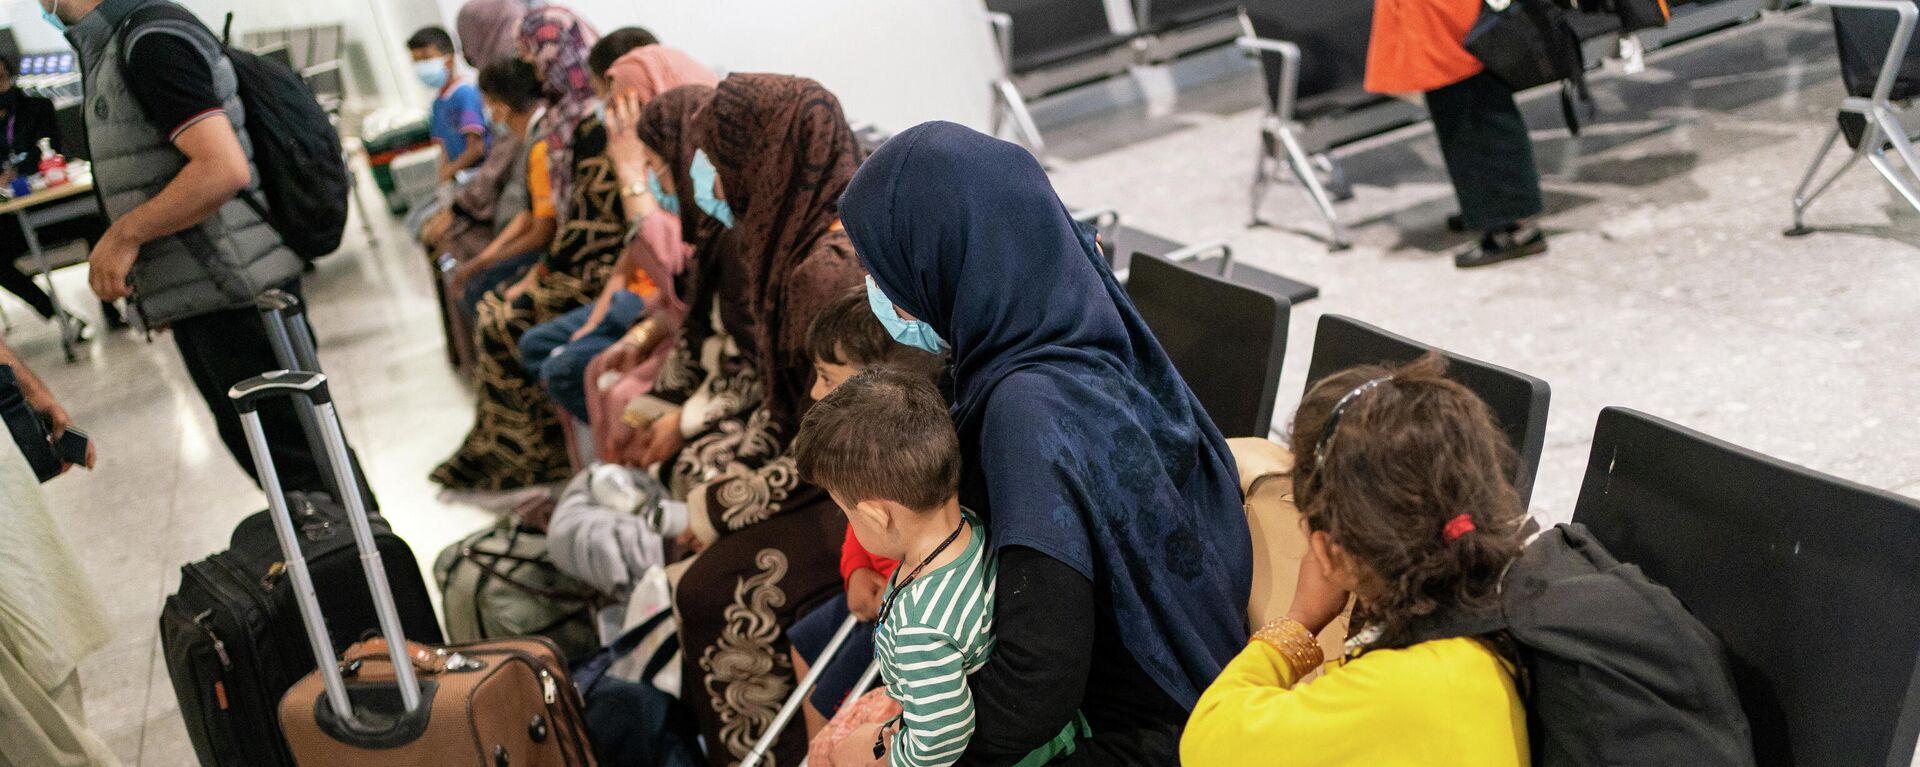 Afghanische Flüchtlinge - SNA, 1920, 27.08.2021